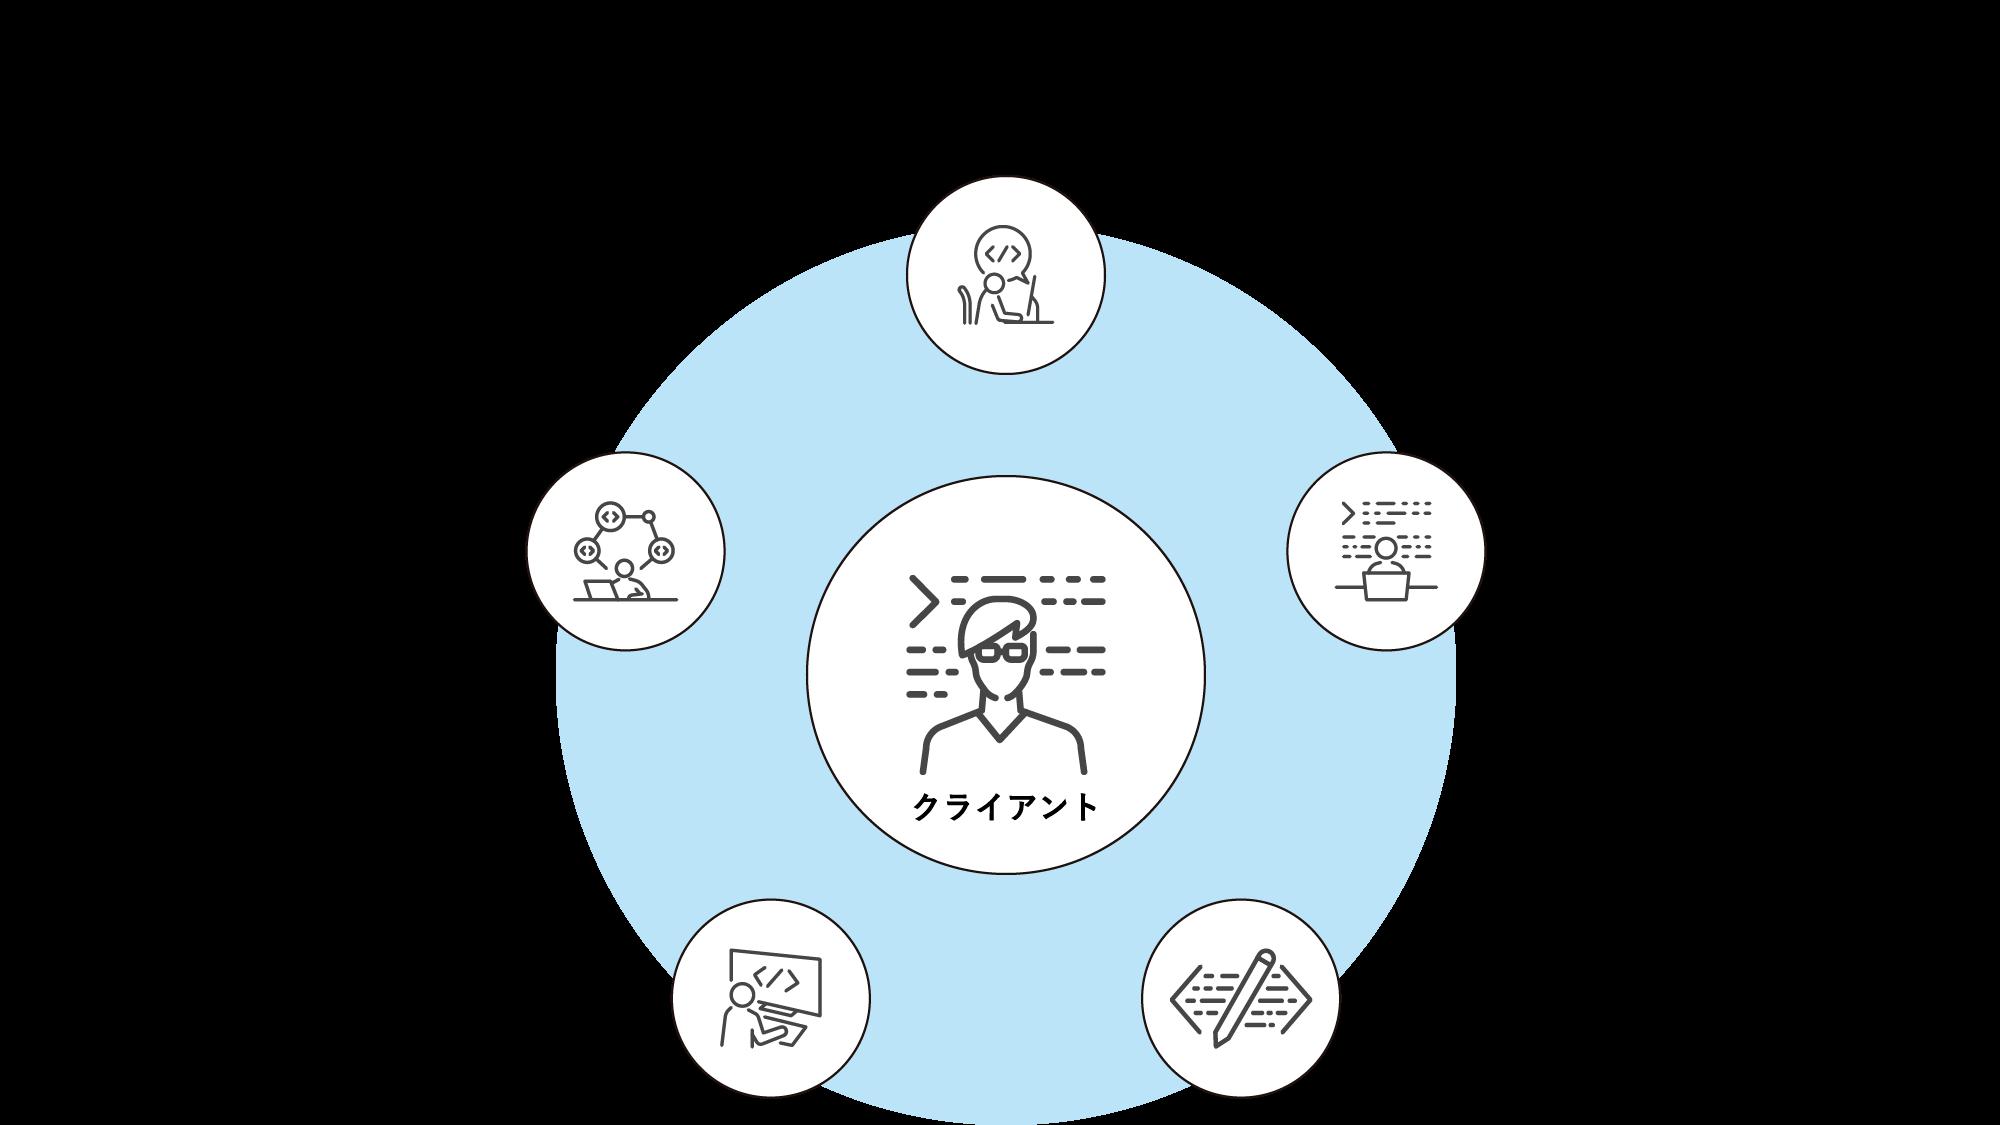 プロジェクトチームのイメージ図